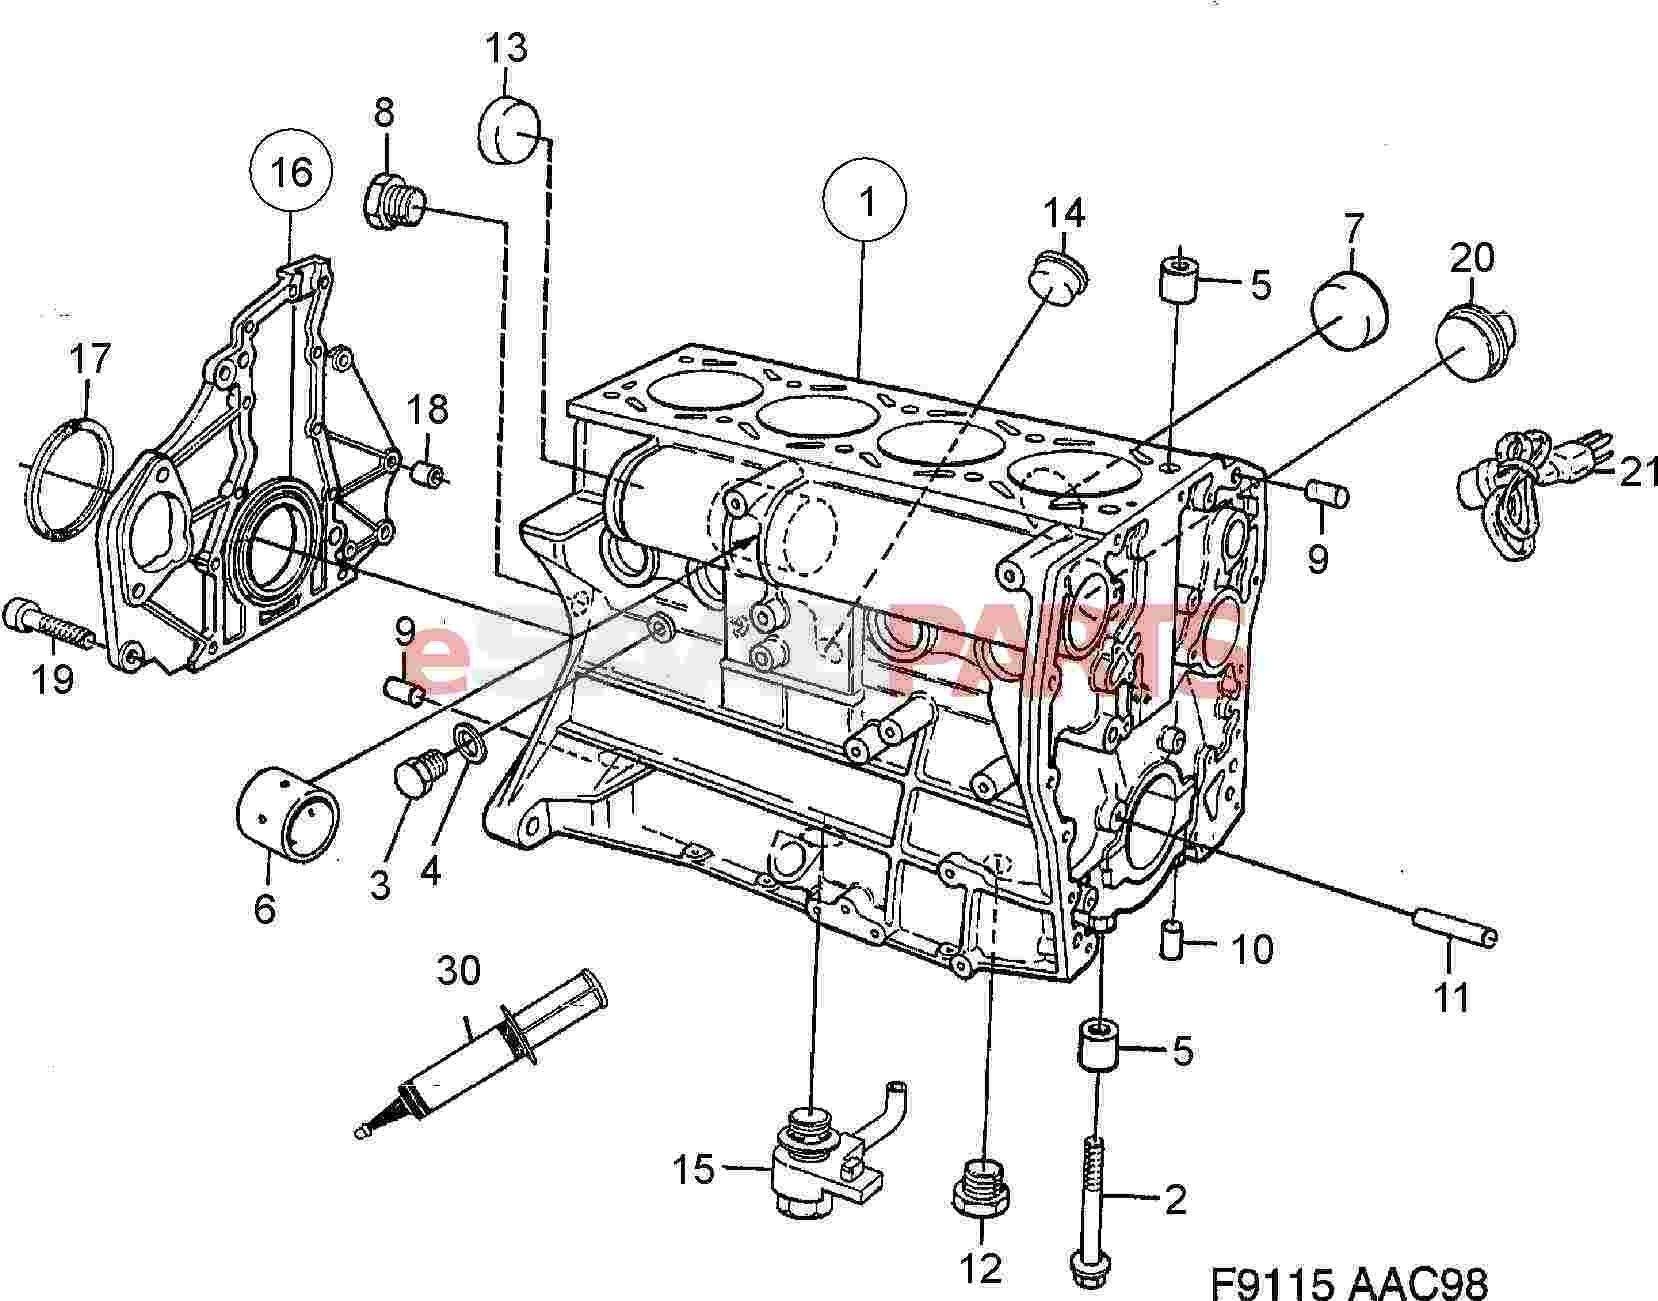 Saab 93 Engine Diagram In 2020 Diagram Saab Engineering